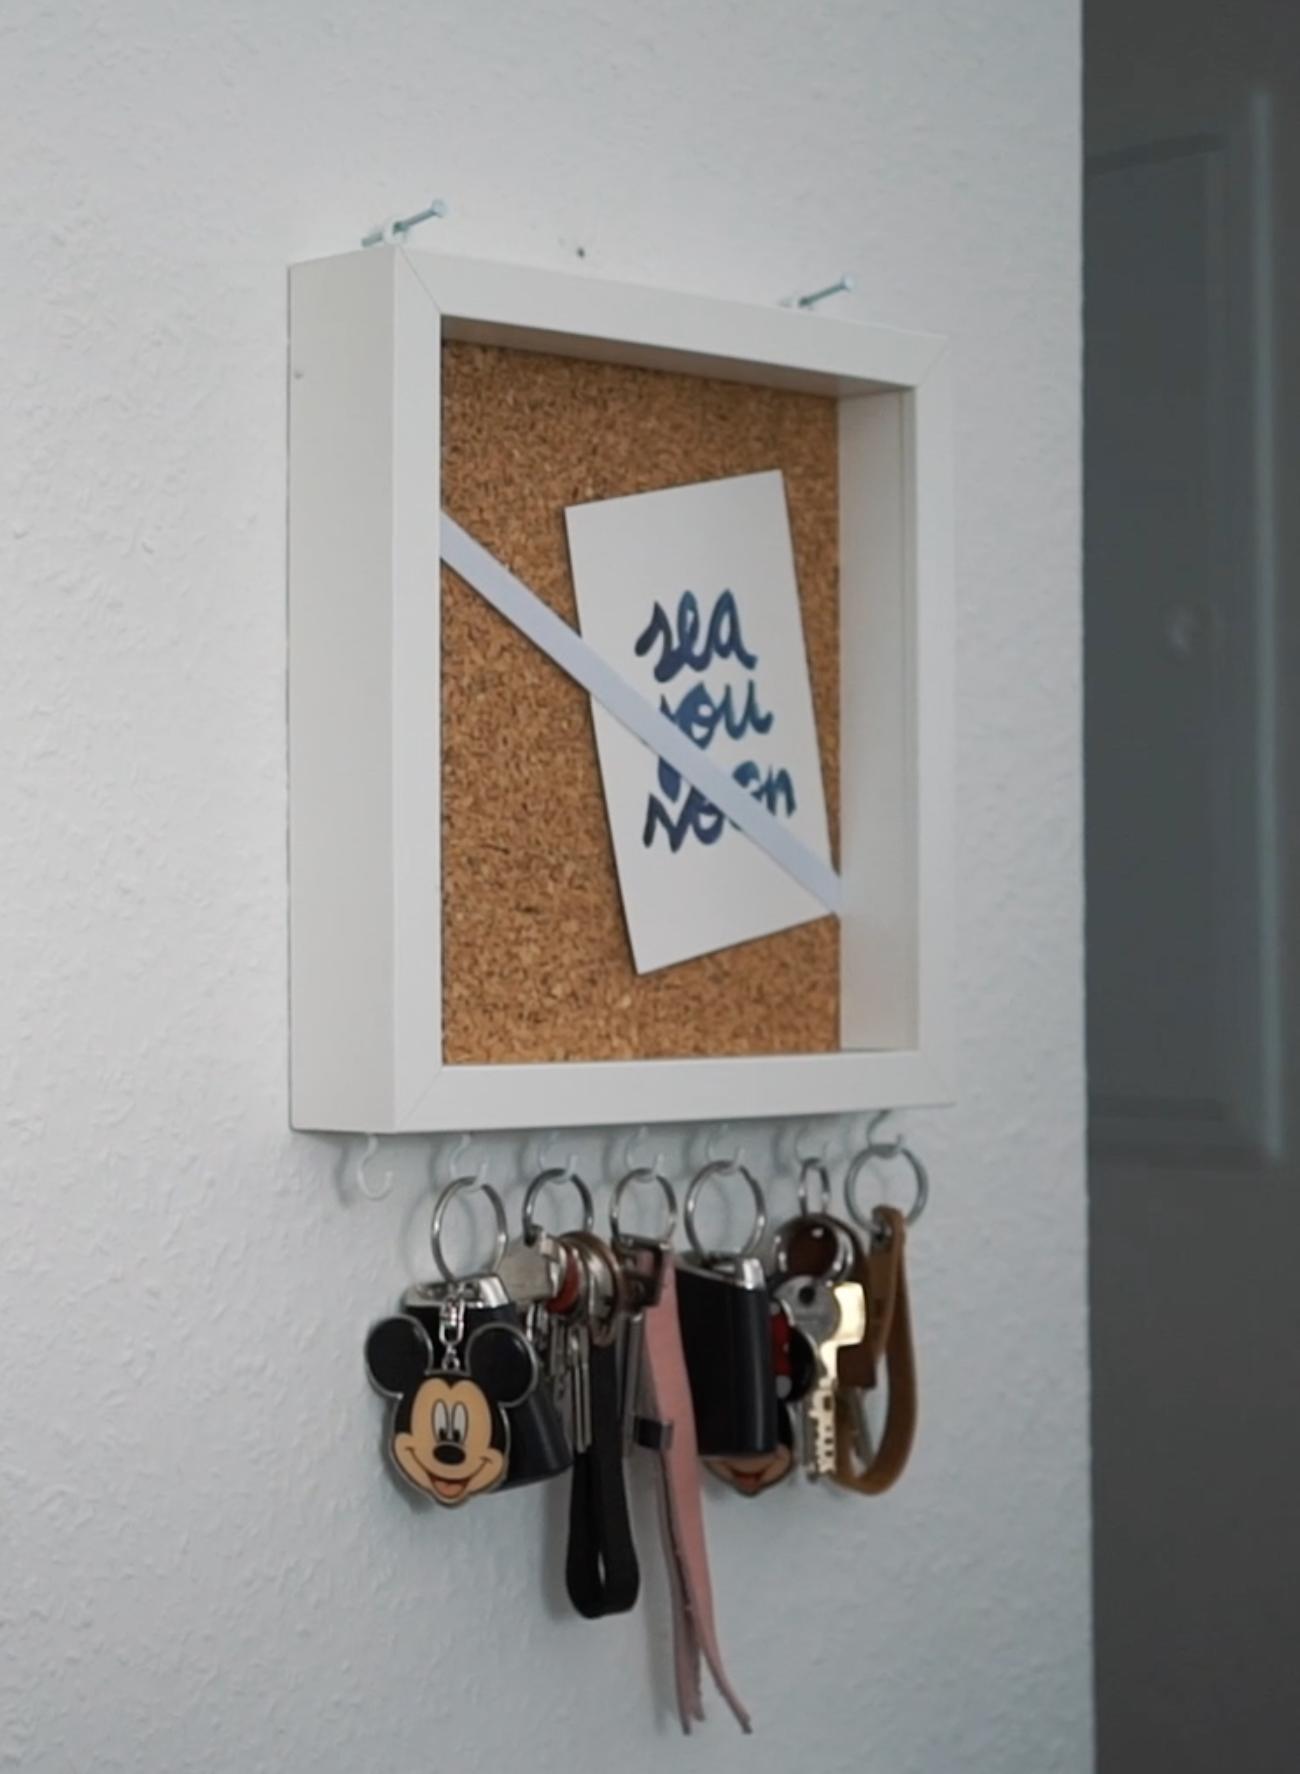 ikea schl sselkasten diy ganz einfach selbst machen meine projekte pinterest. Black Bedroom Furniture Sets. Home Design Ideas